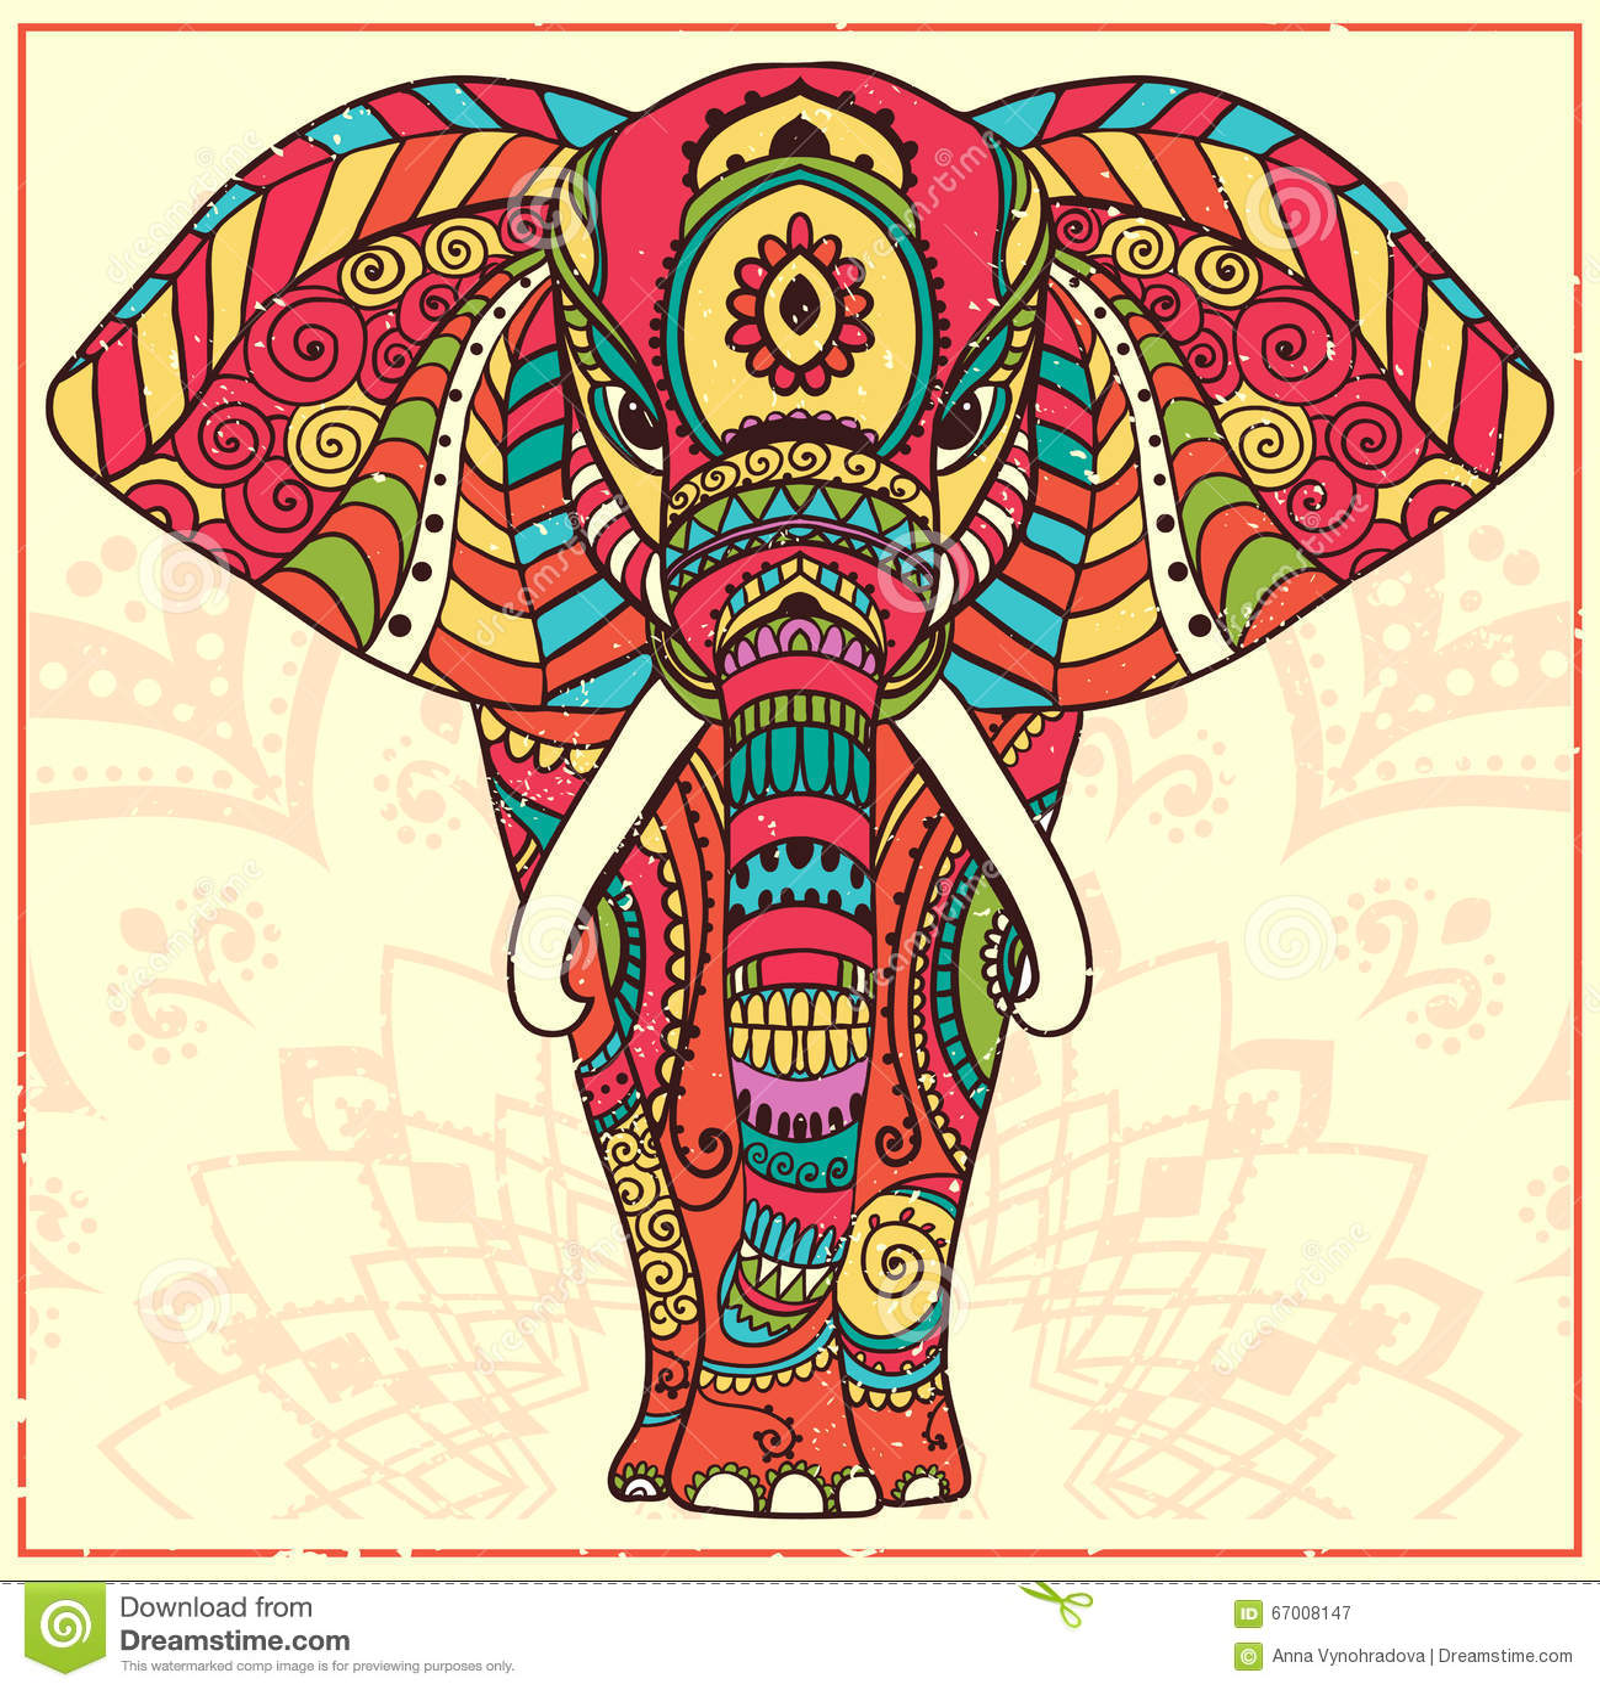 Asombroso Página De Color Elefante Motivo - Enmarcado Para Colorear ...